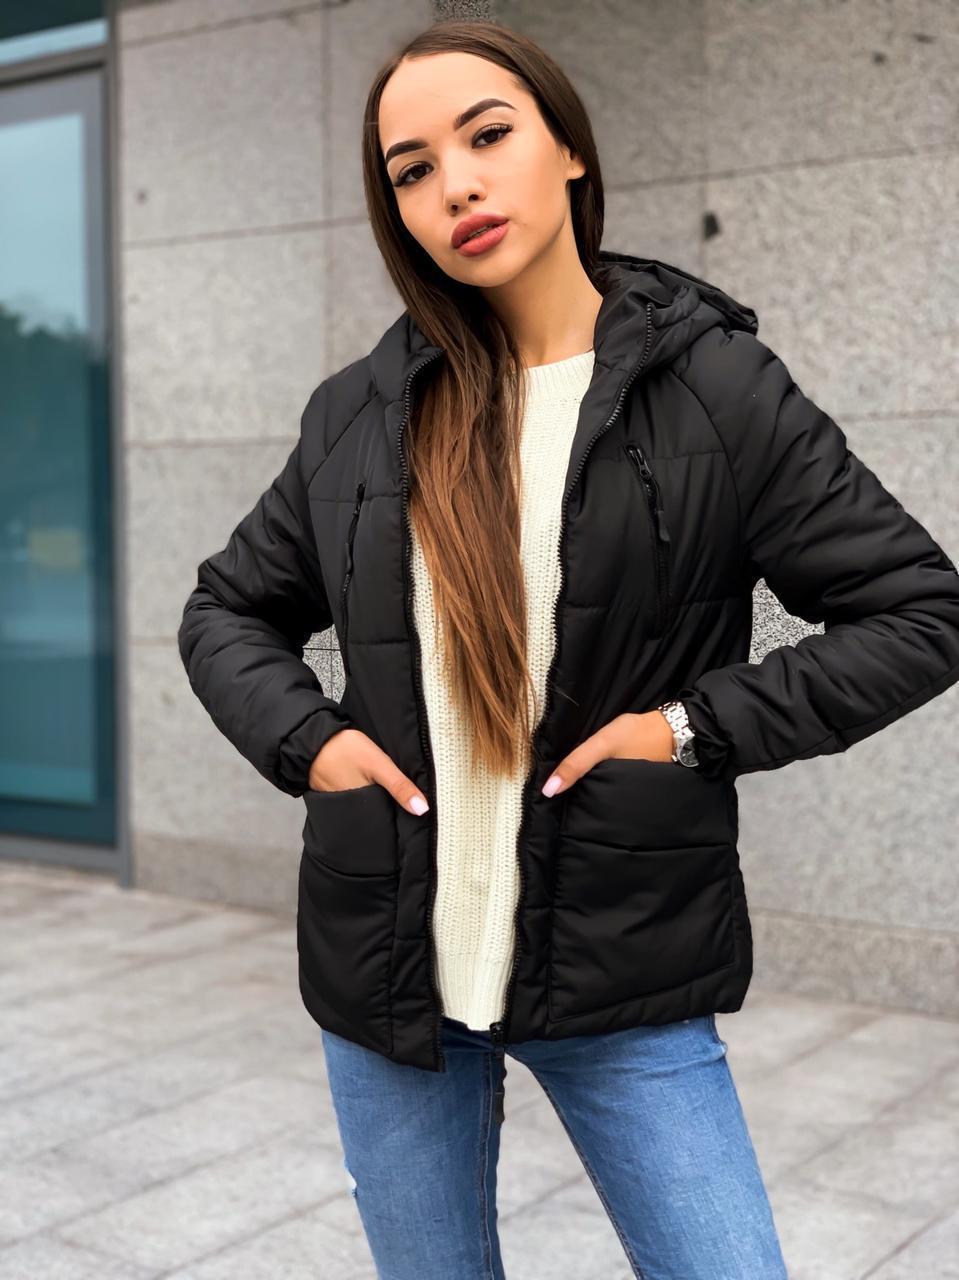 Демисезонная женская куртка с капюшоном и на молнии 65kur158